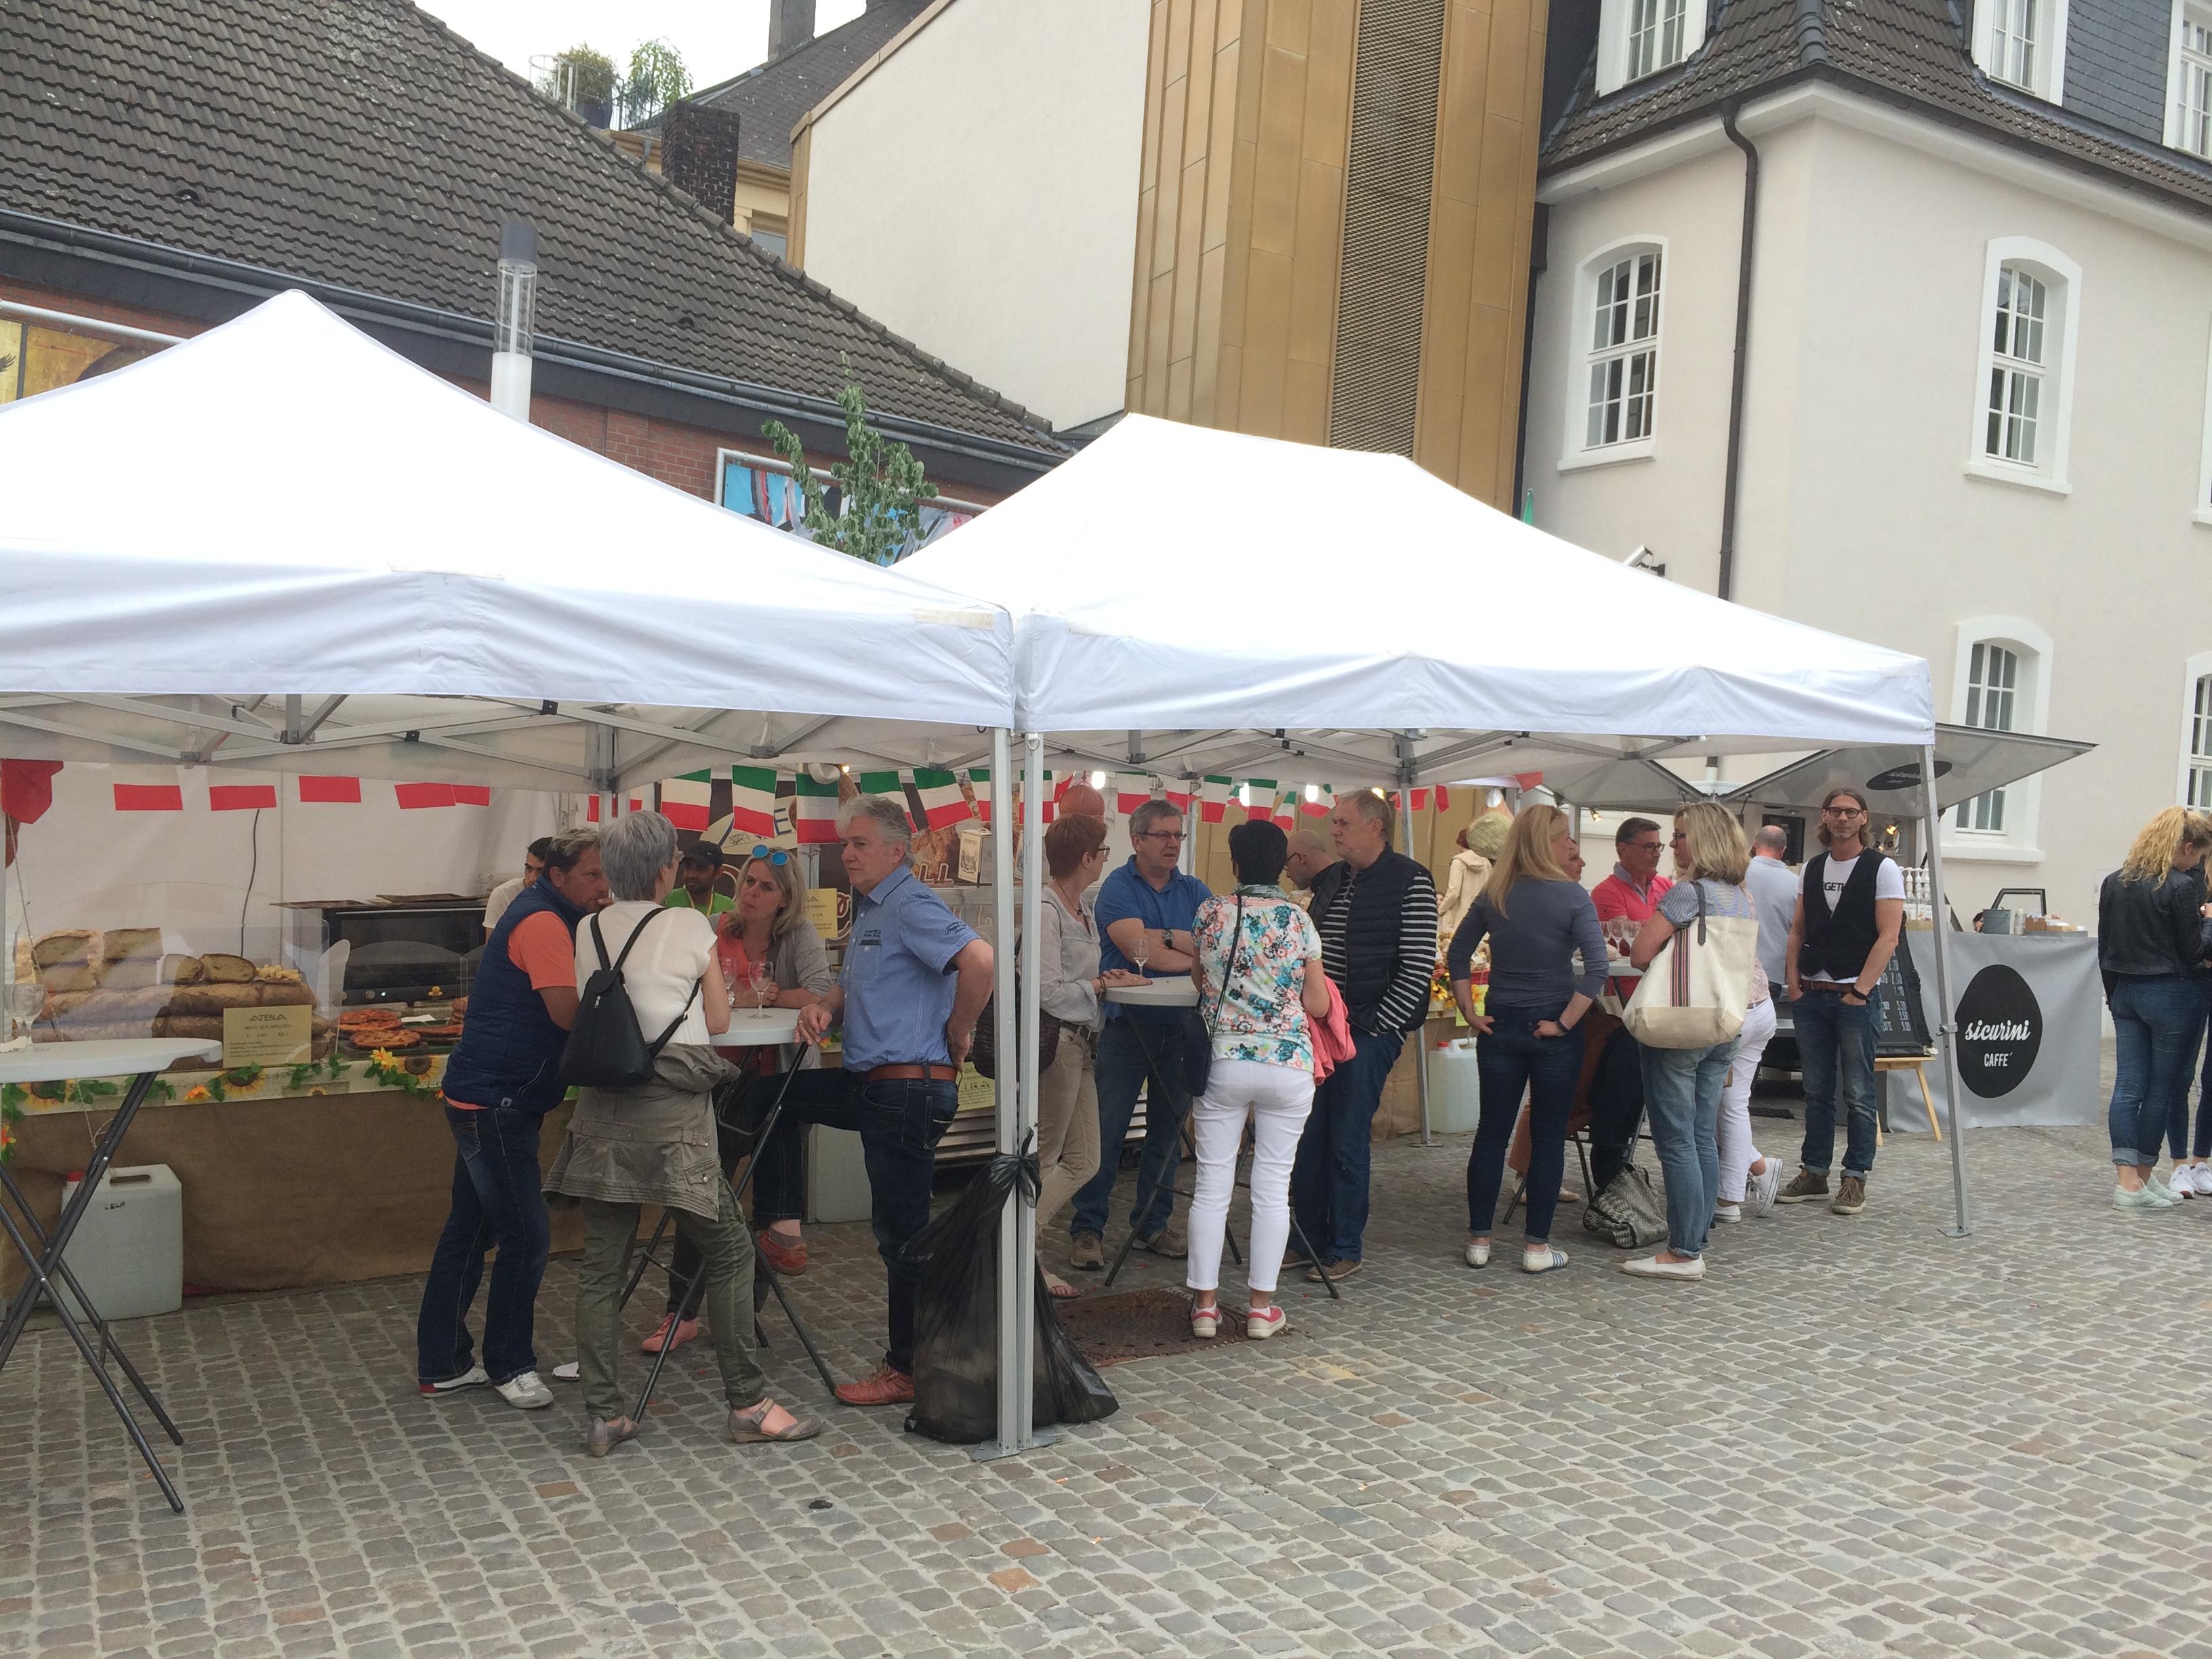 ISG_Krim_Recklinghausen_Markt3